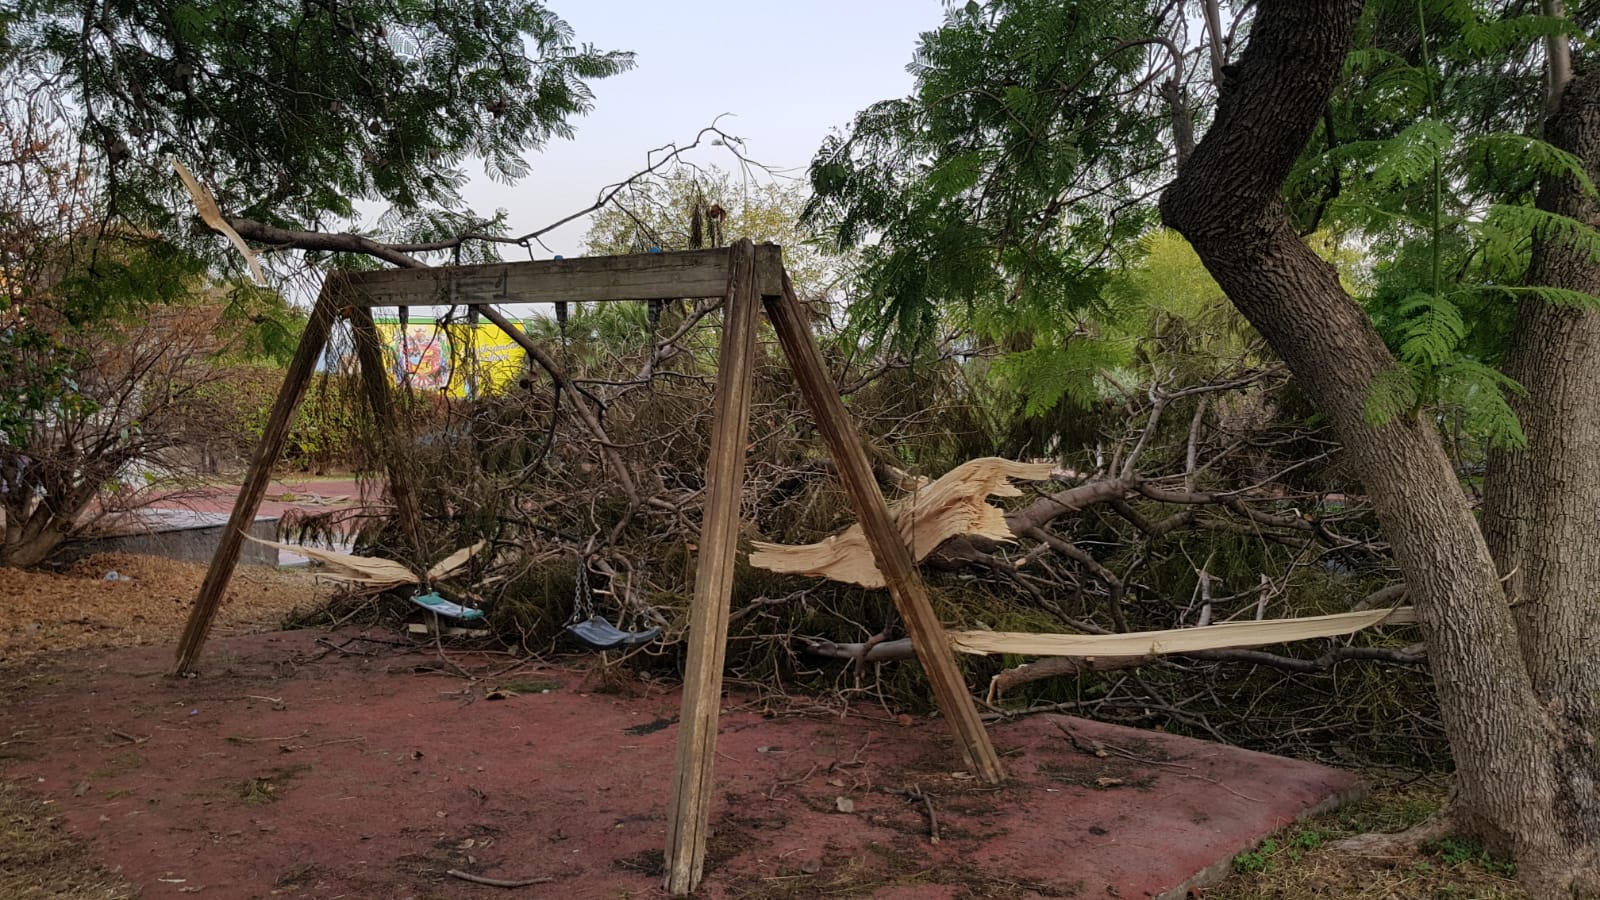 """Pericolo al parco Gandhi, grosso ramo spezzato accanto all'altalena. Zingale: """"Serve intervento urgente"""""""